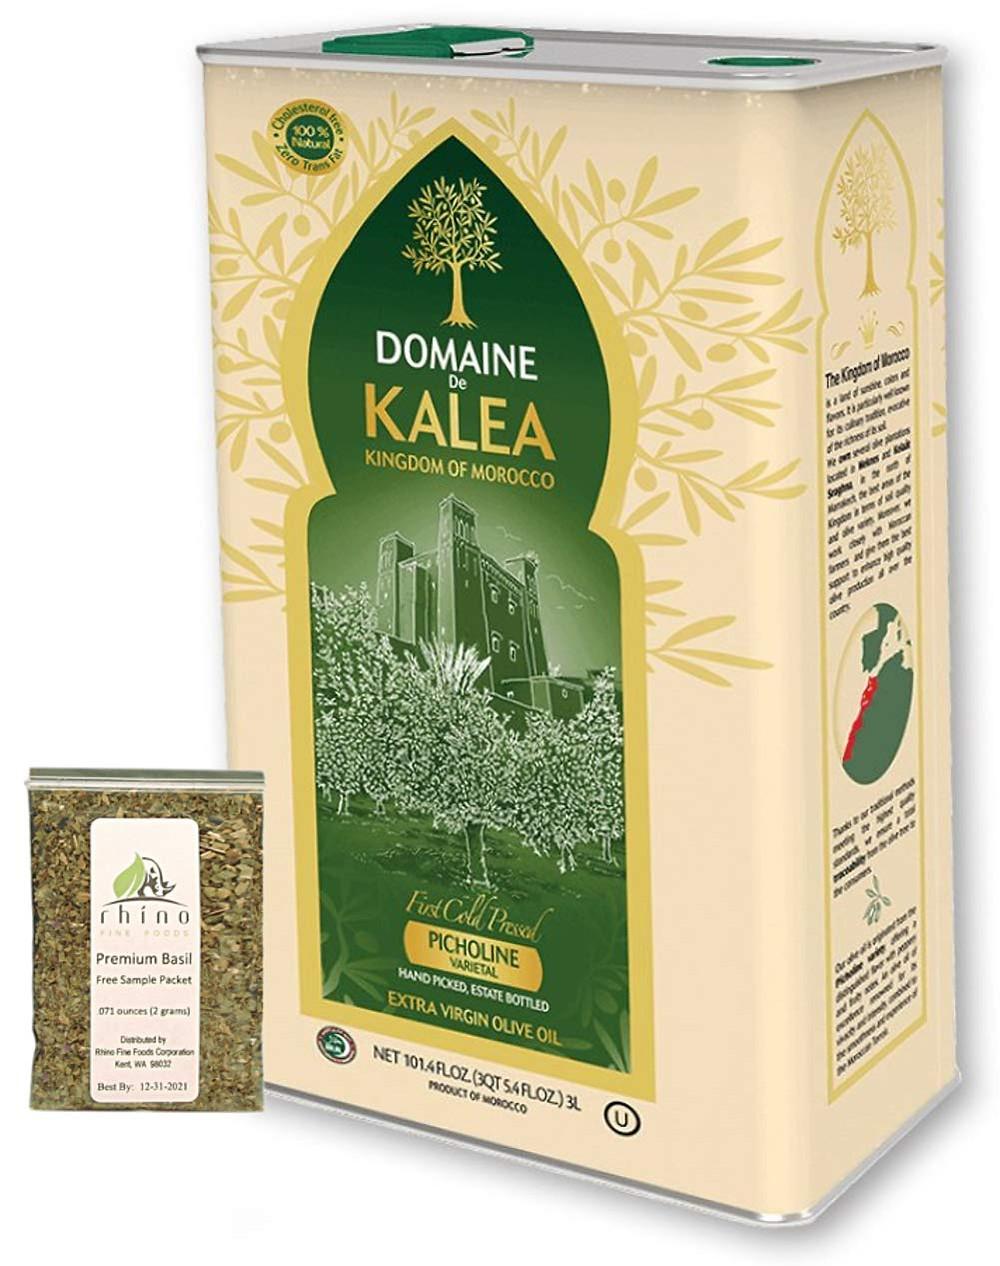 Domaine de Kalea Extra Virgin Olive Oil